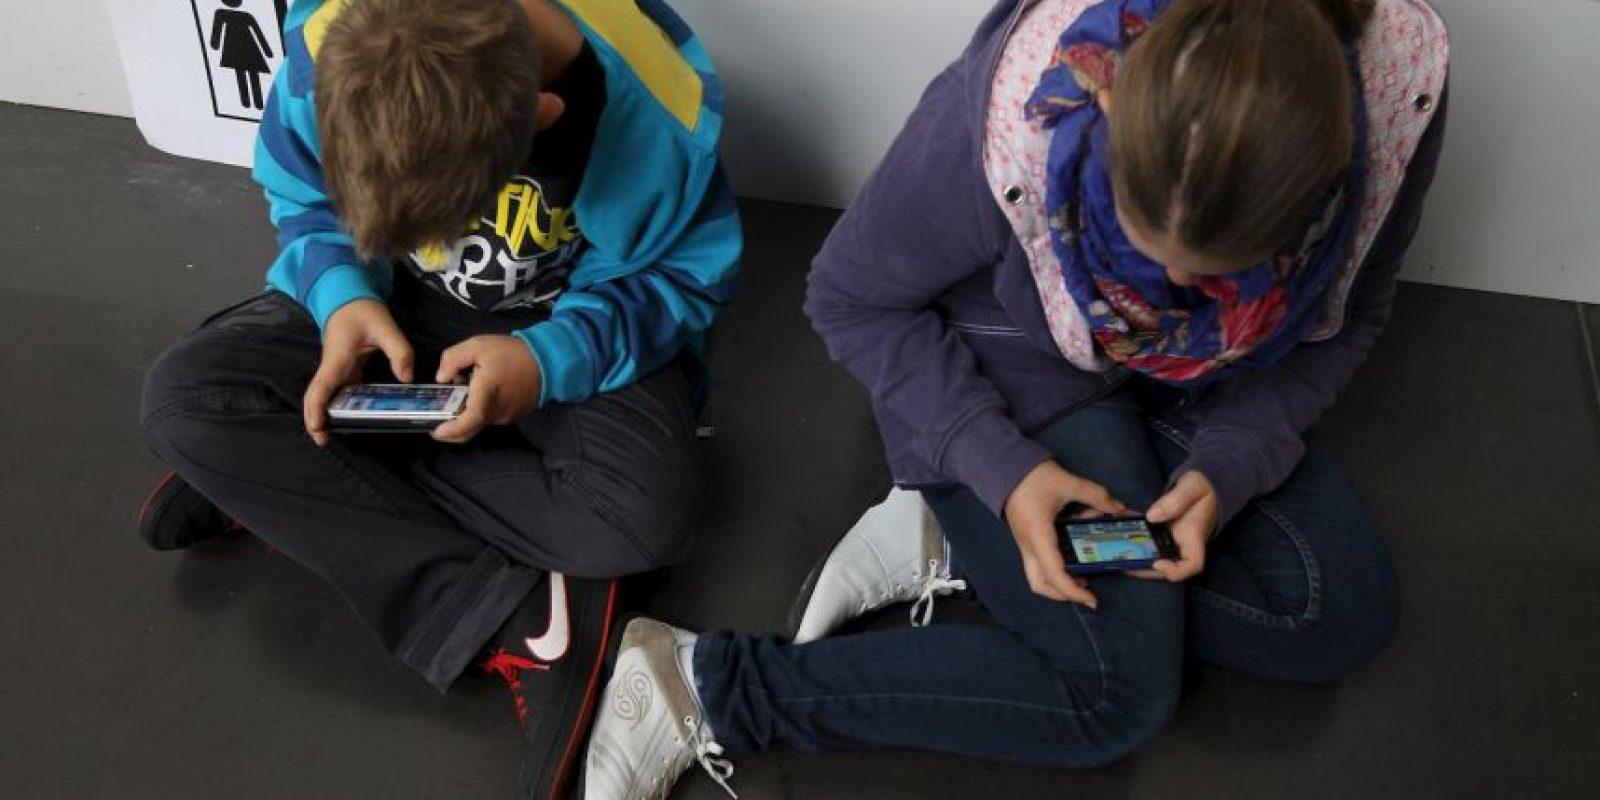 El hecho de no cuidar al niño, es característica que puede incrementar el riesgo de maltrato infantil Foto:Getty Images